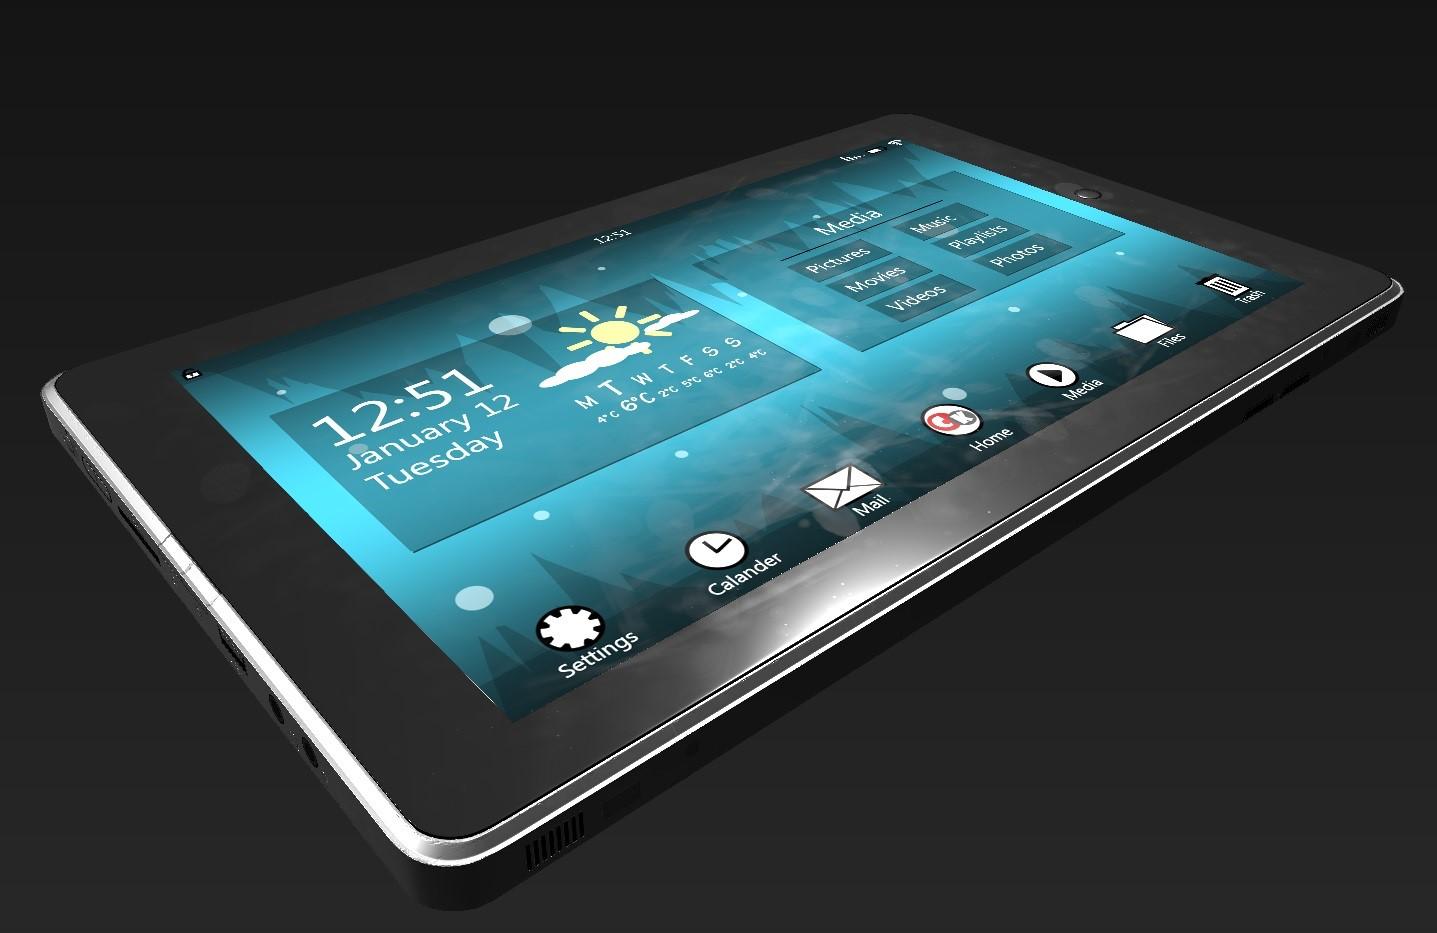 Tablet_02.jpg